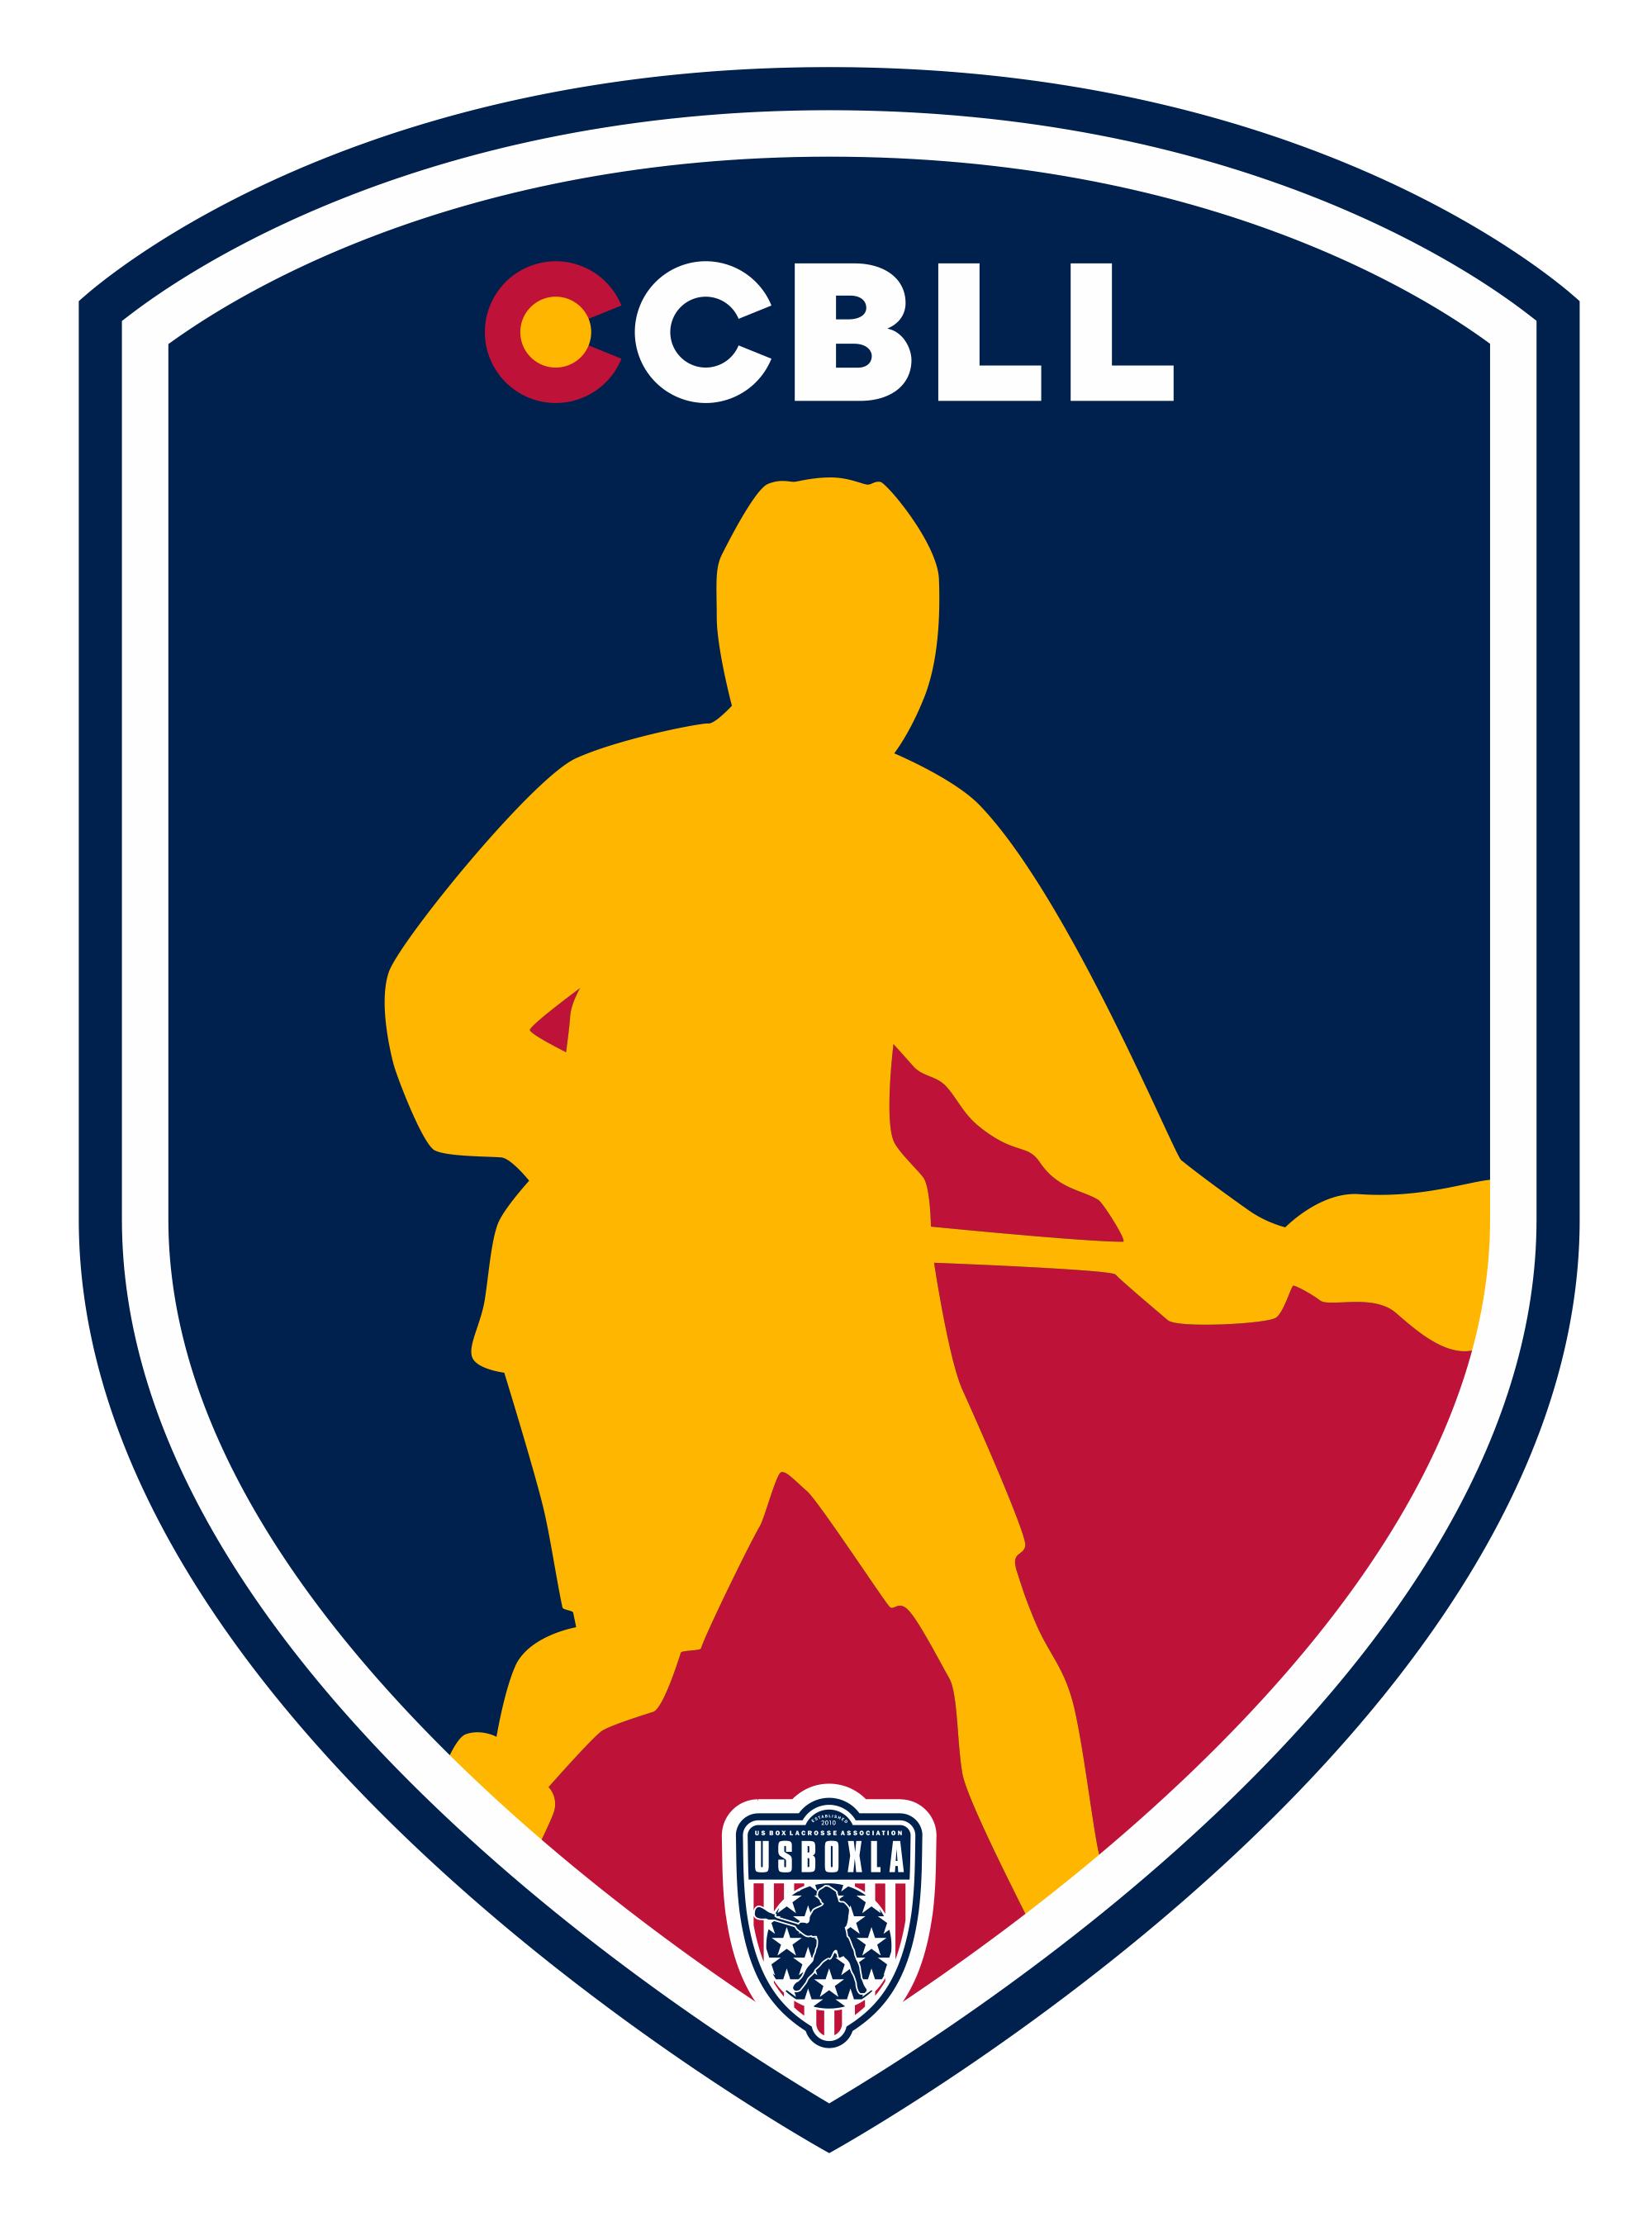 ccbllv2